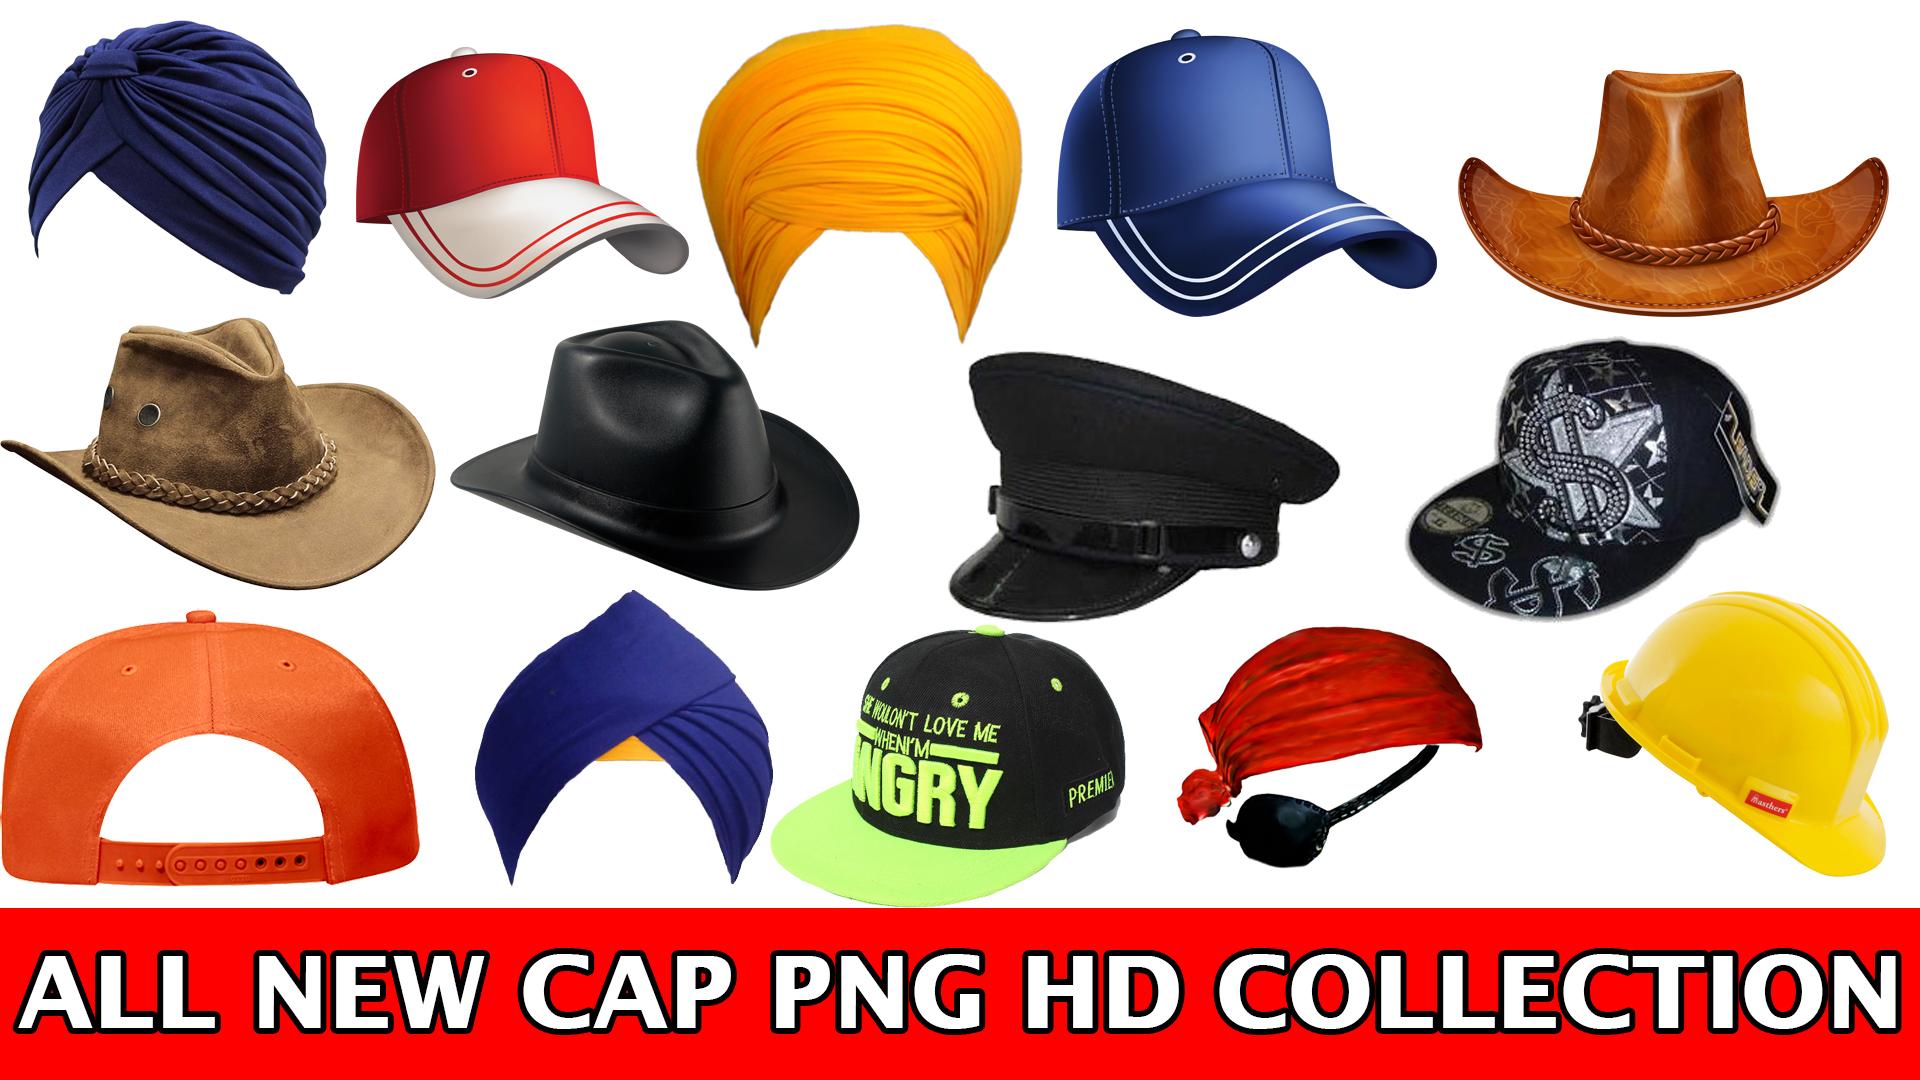 NEW HD CAP PNG